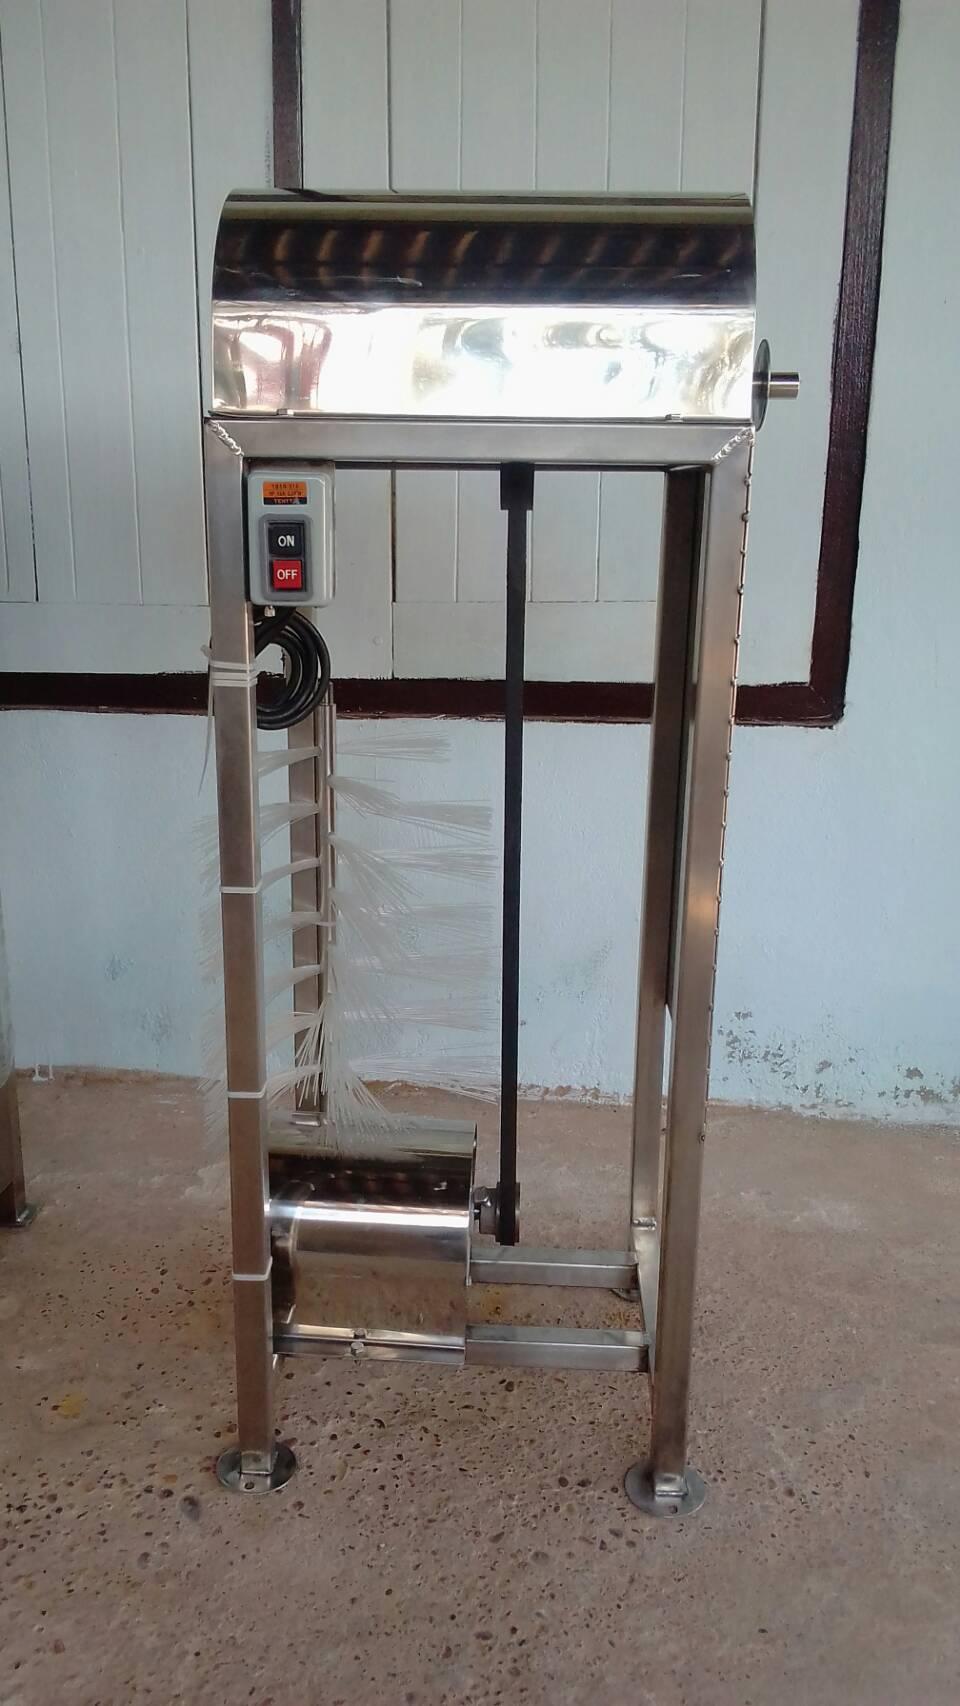 เครื่องล้างถังภายในเอ็นปั่น แบบ 1 หัวแปลงปั่น (รุ่นถอดได้)